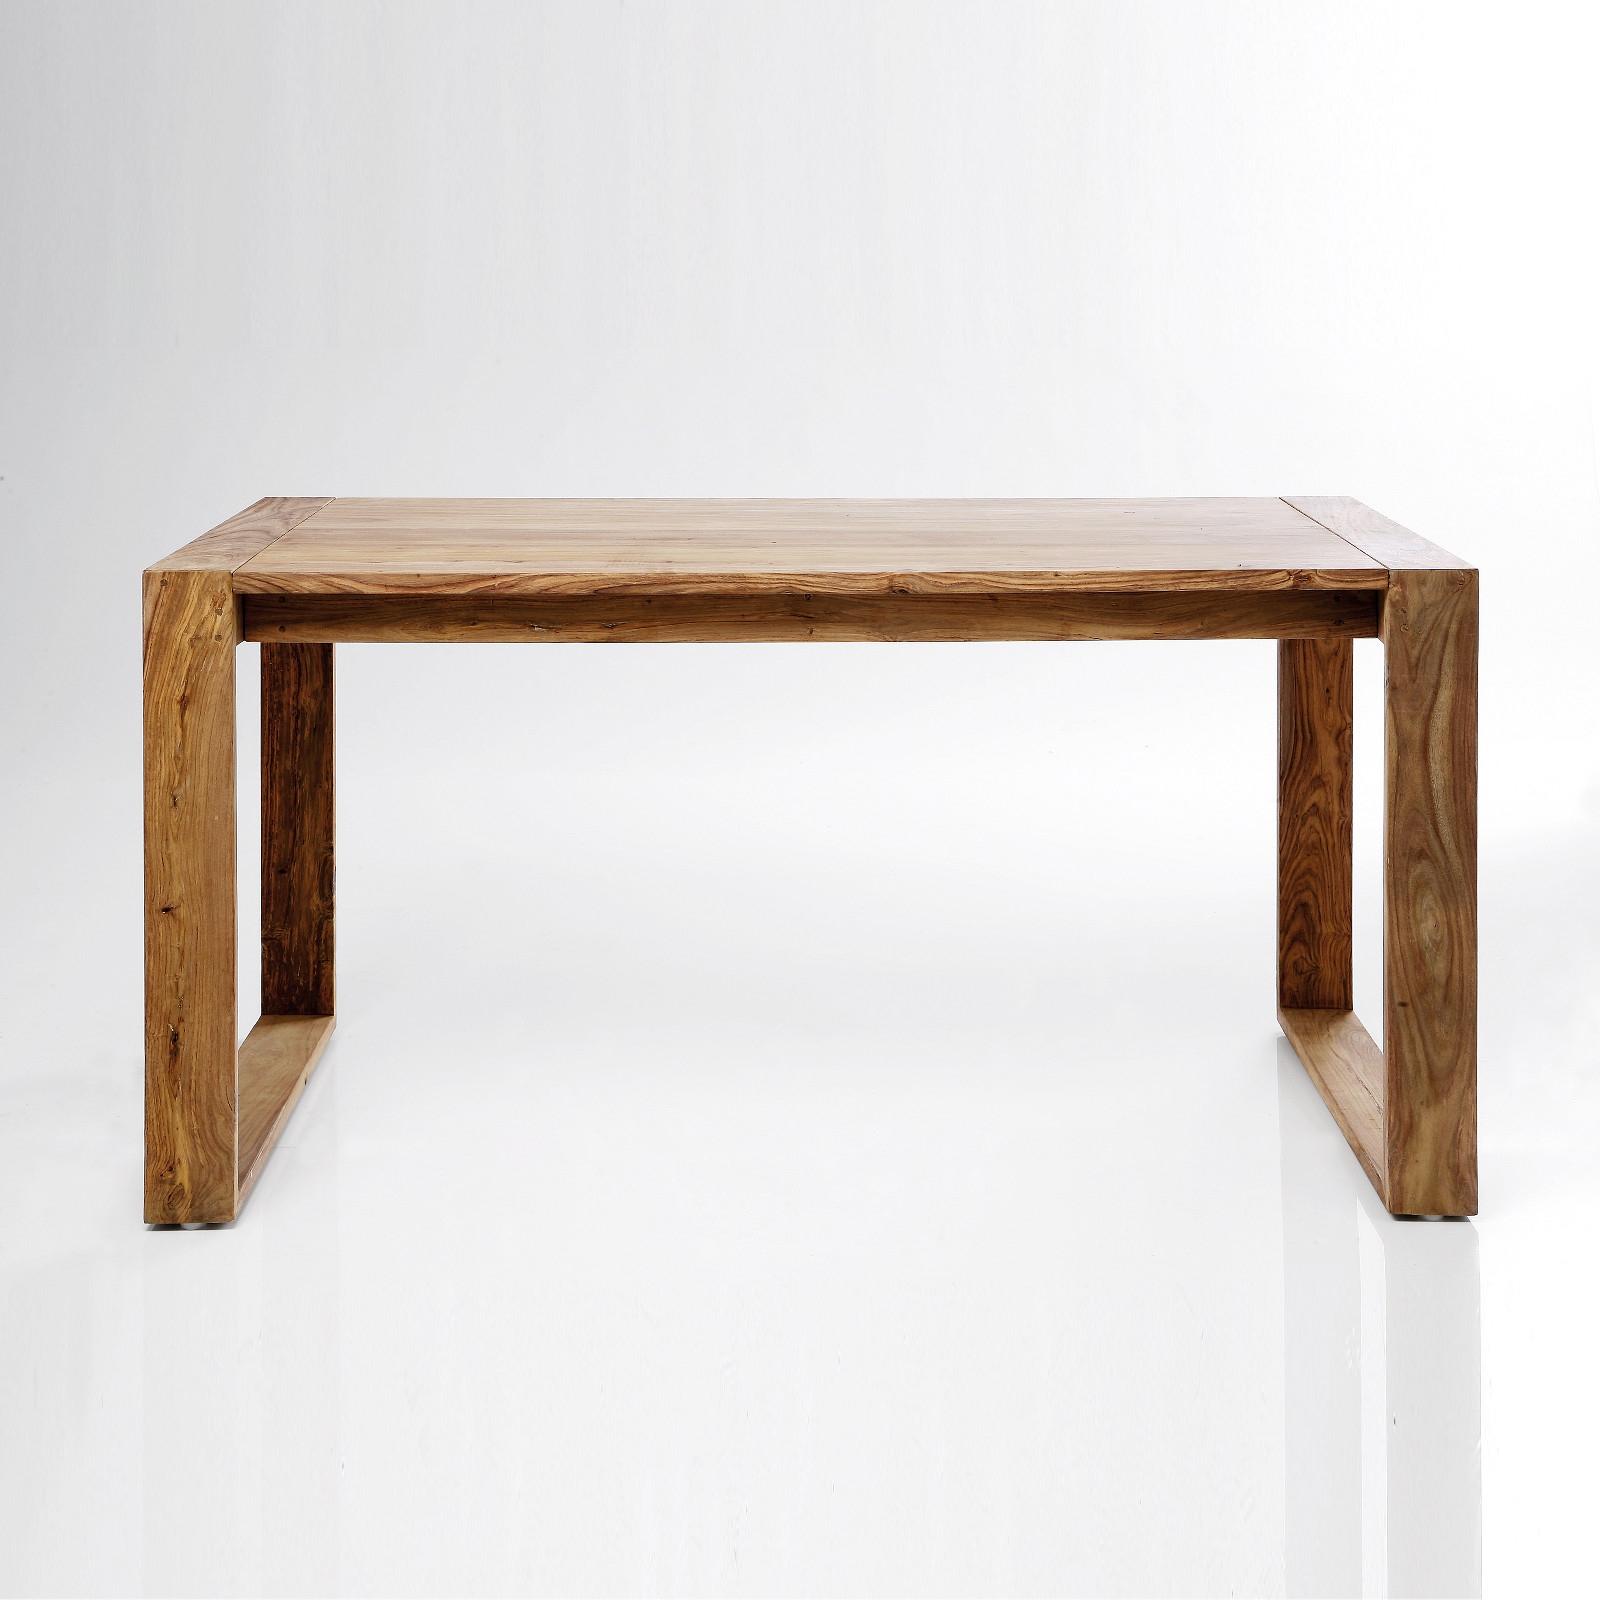 Design schreibtisch natura 150cm sheesham massivholz for Schreibtisch x factory